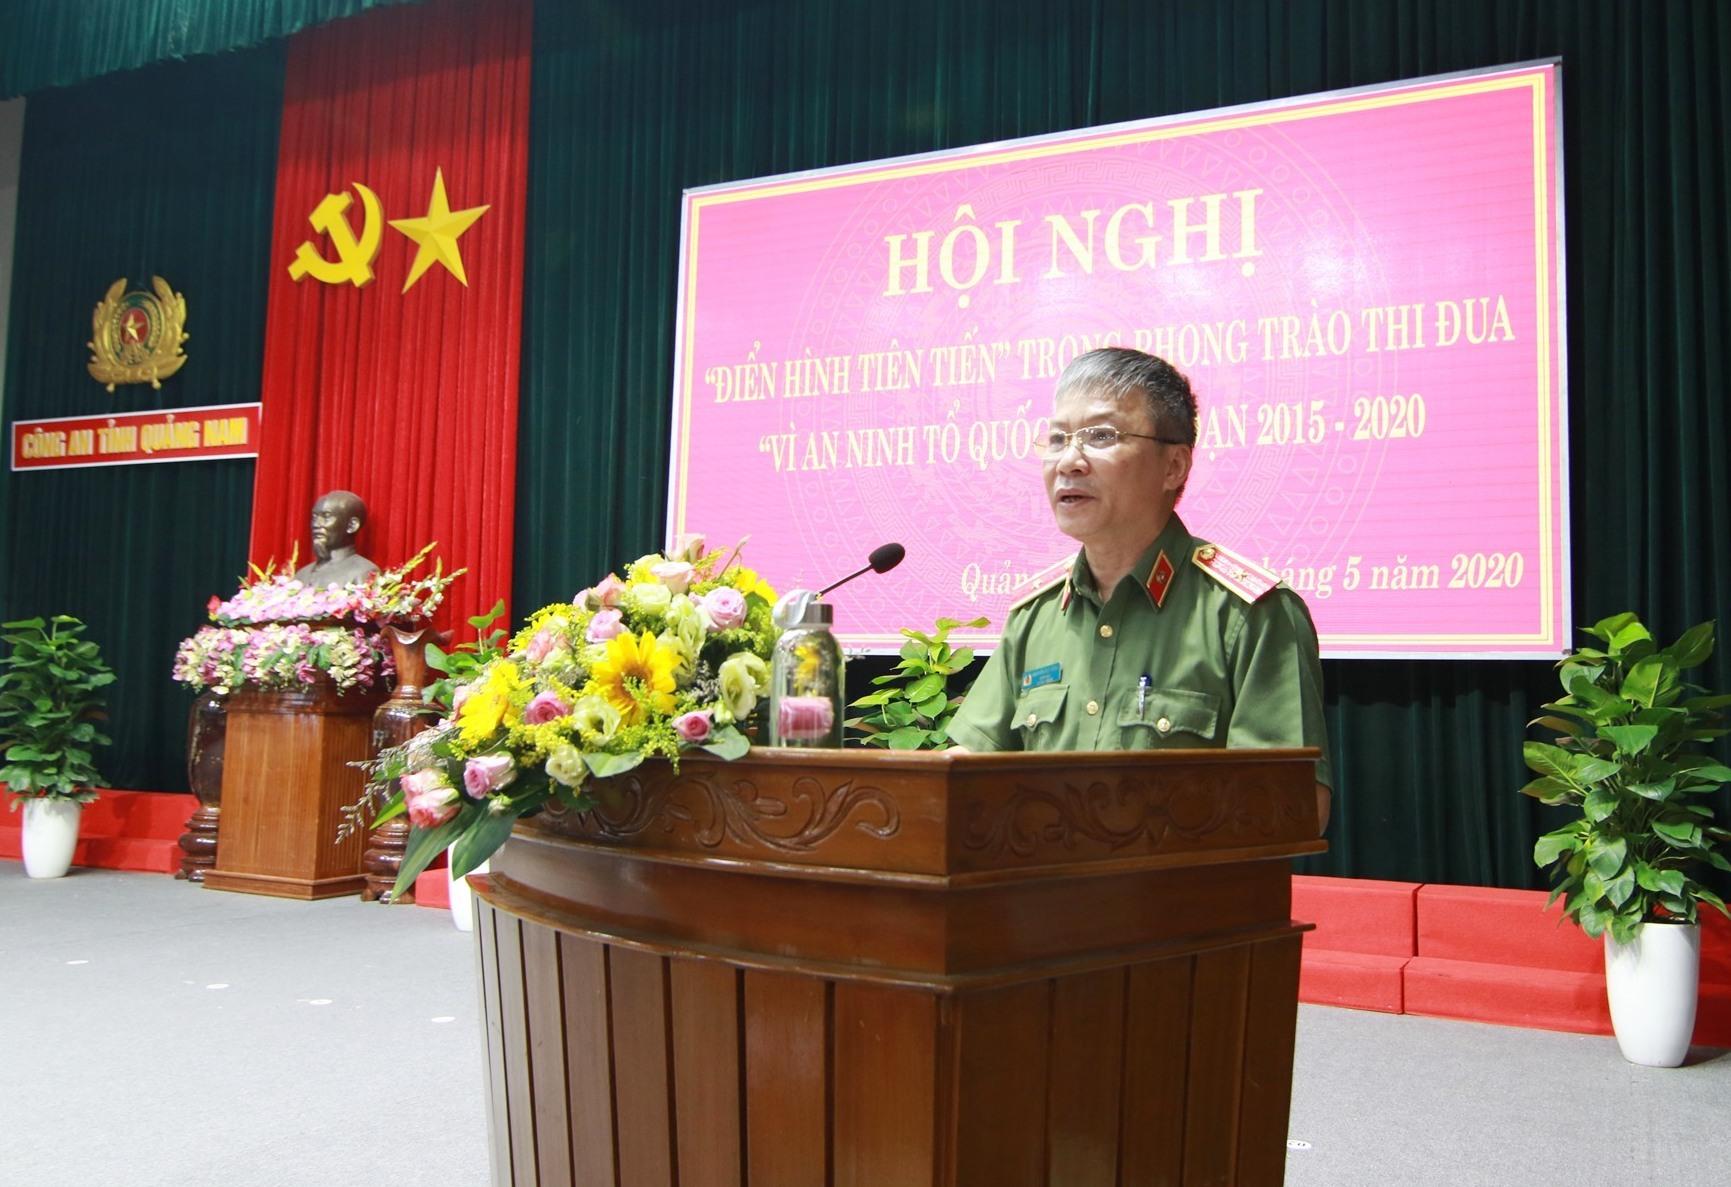 Thiếu tướng Nguyễn Đức Dũng - Giám đốc Công an tỉnh phát biểu khai mạc hội nghị. Ảnh: T.C